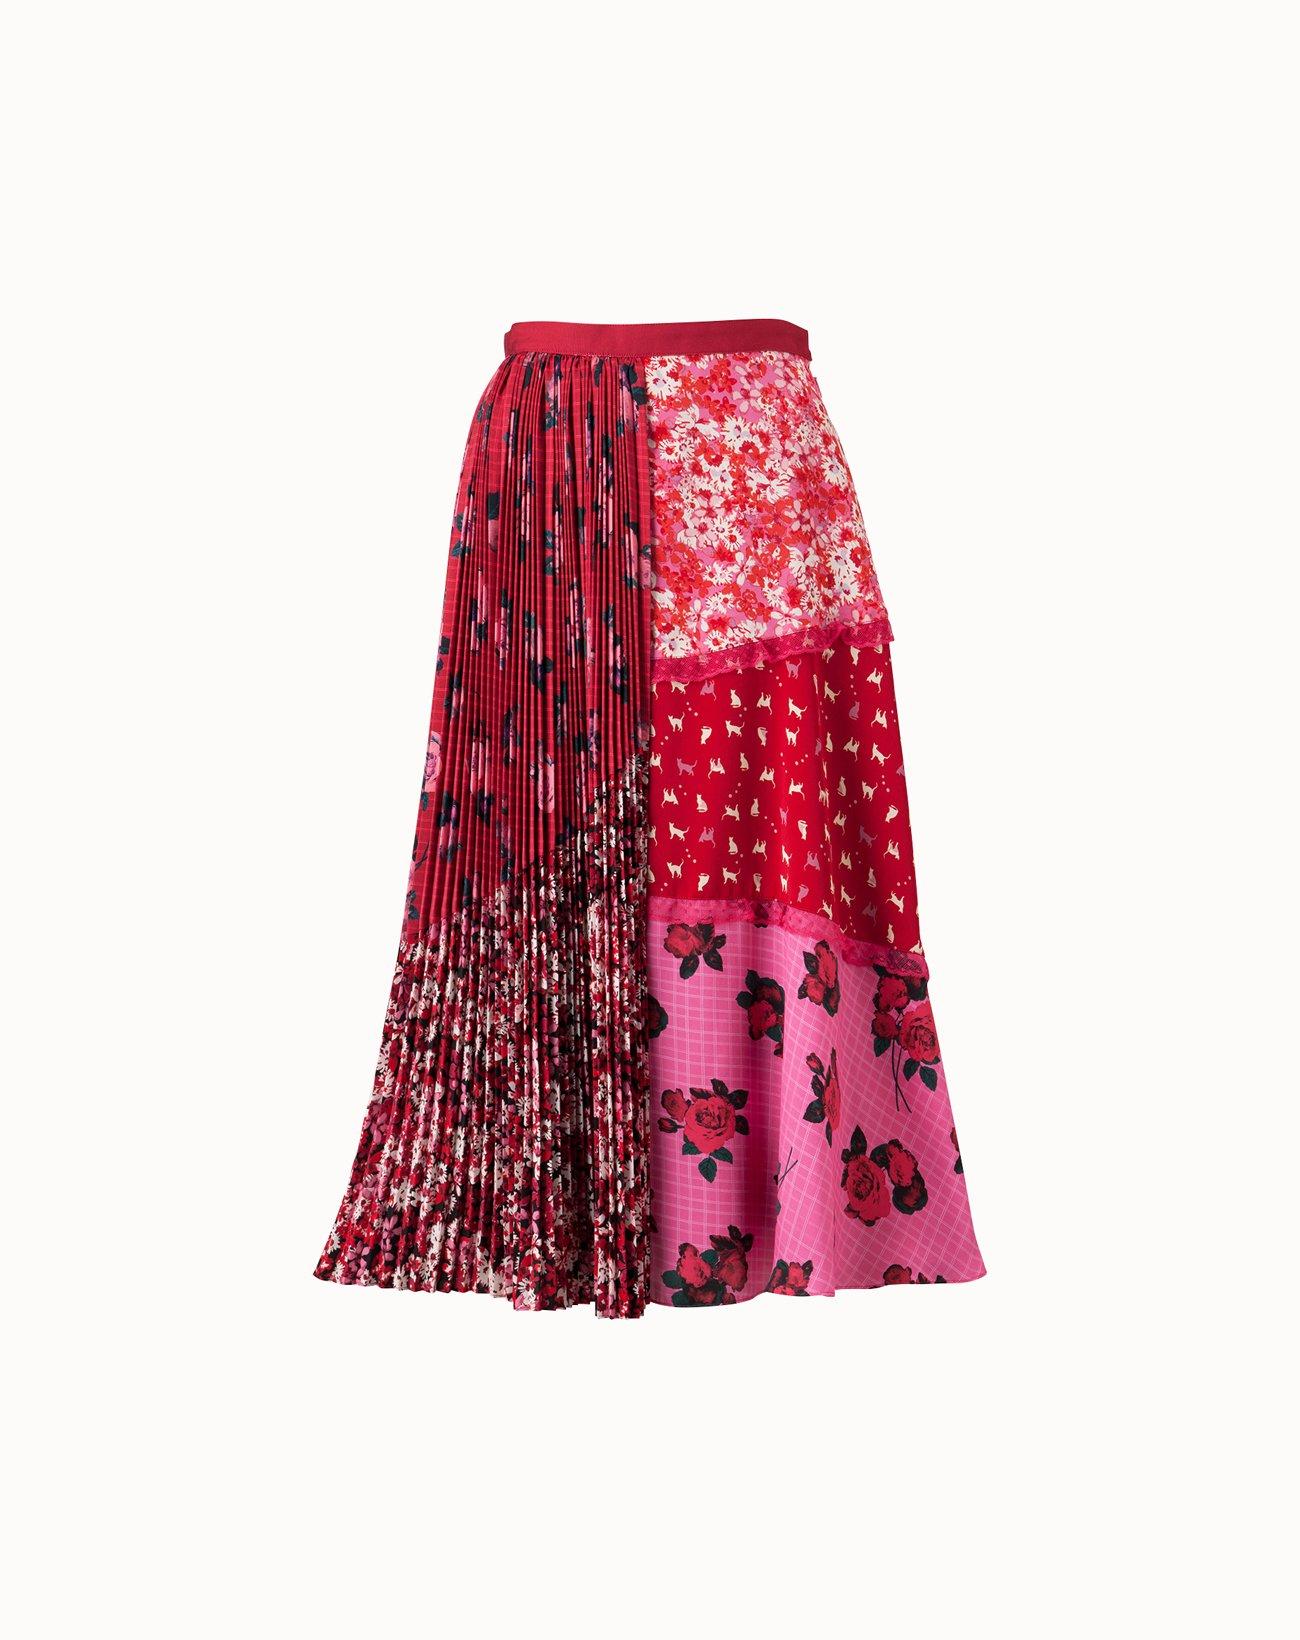 Dream Rose Skirt  - Red